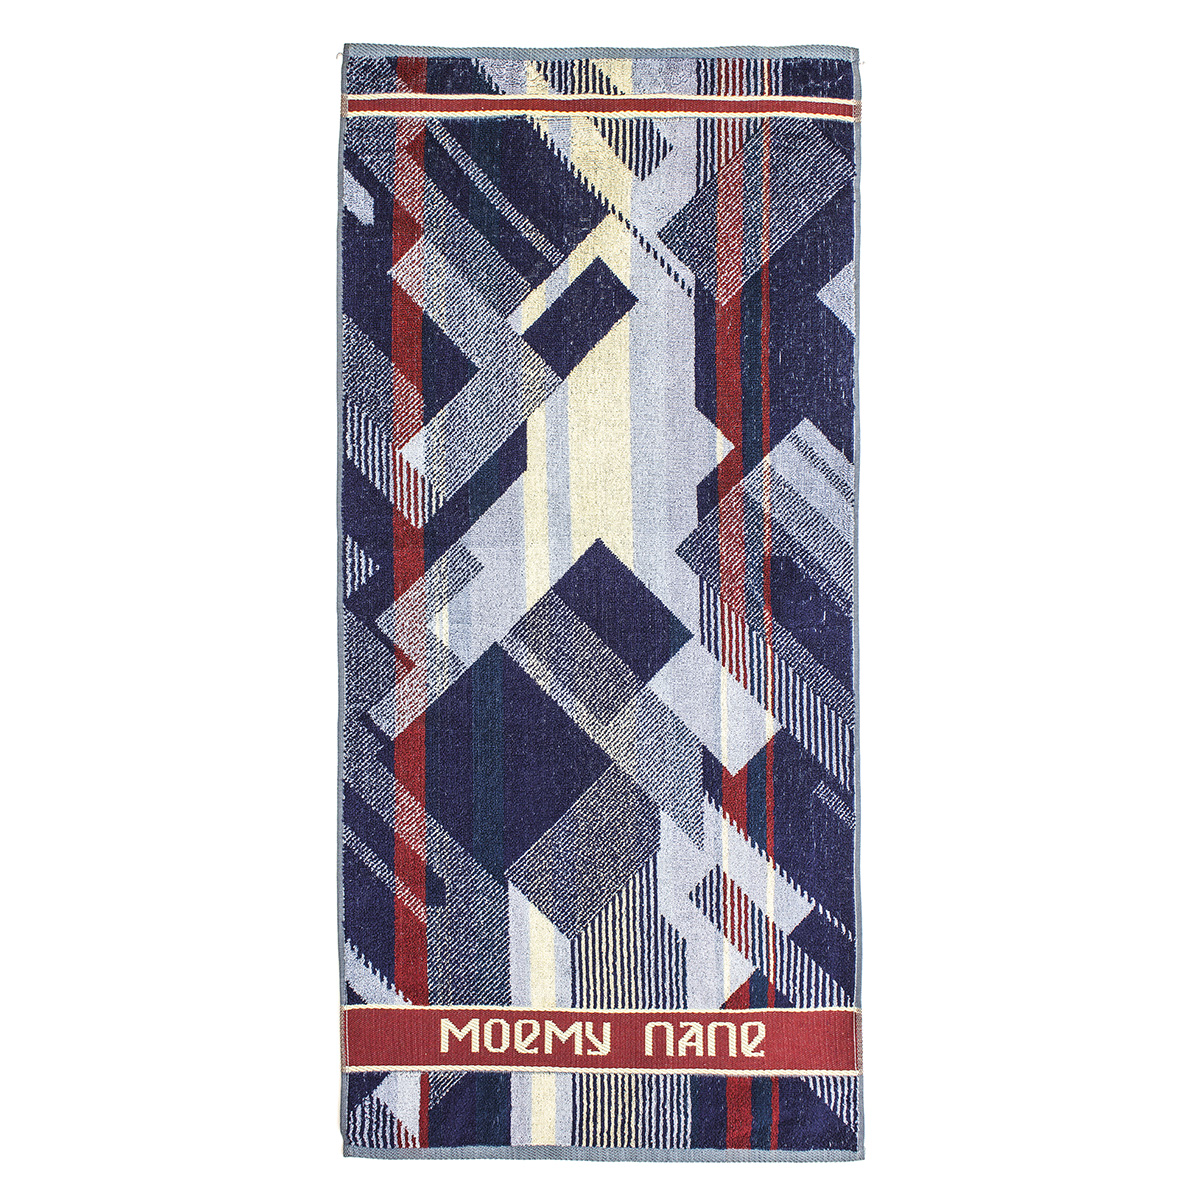 Полотенце Папе, размер 50х100 см.Махровые полотенца<br>Плотность ткани:420 г/кв. м<br><br>Тип: Полотенце<br>Размер: 50х100<br>Материал: Махра